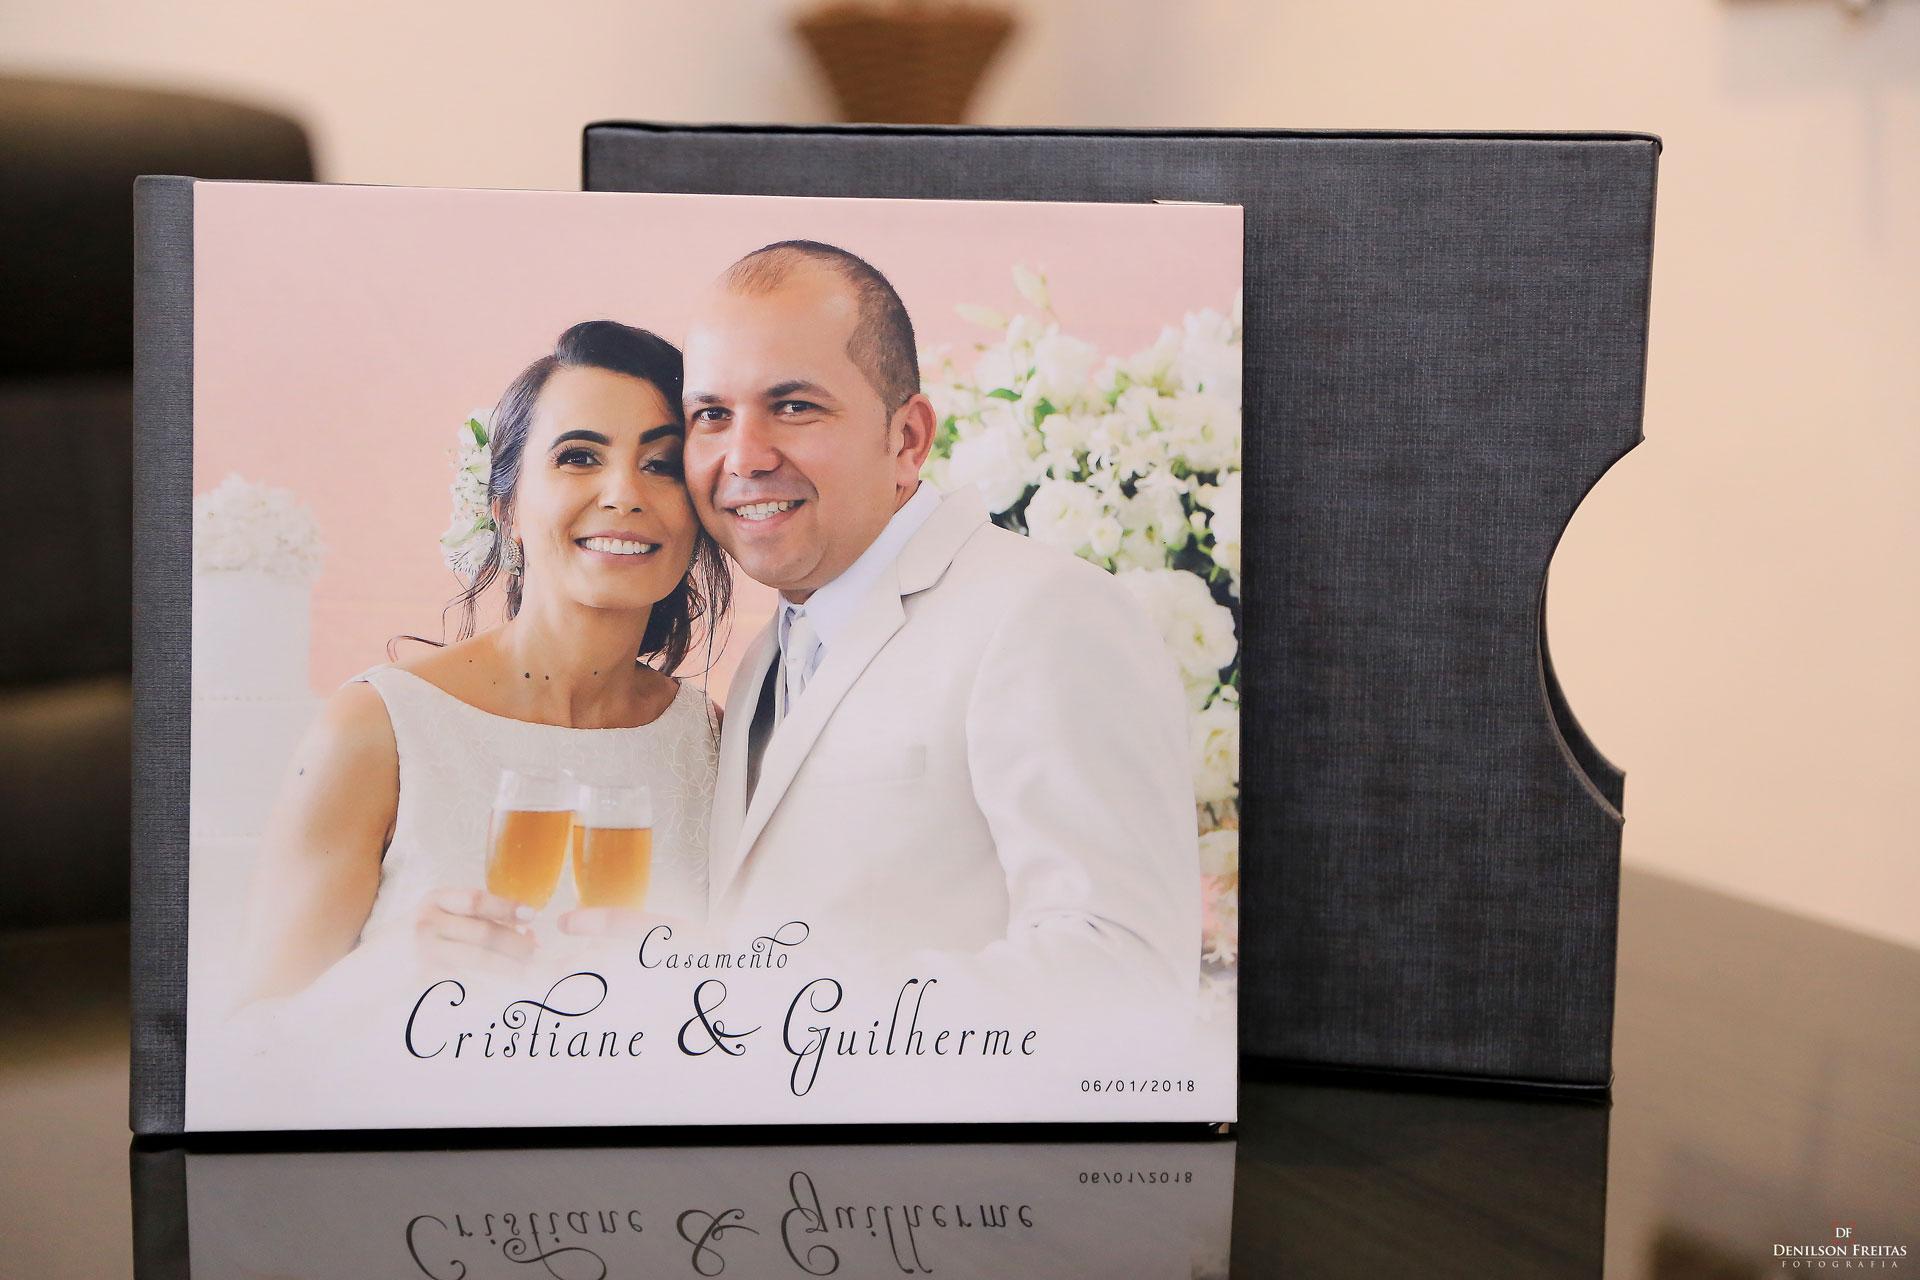 Cristiane & Guilherme